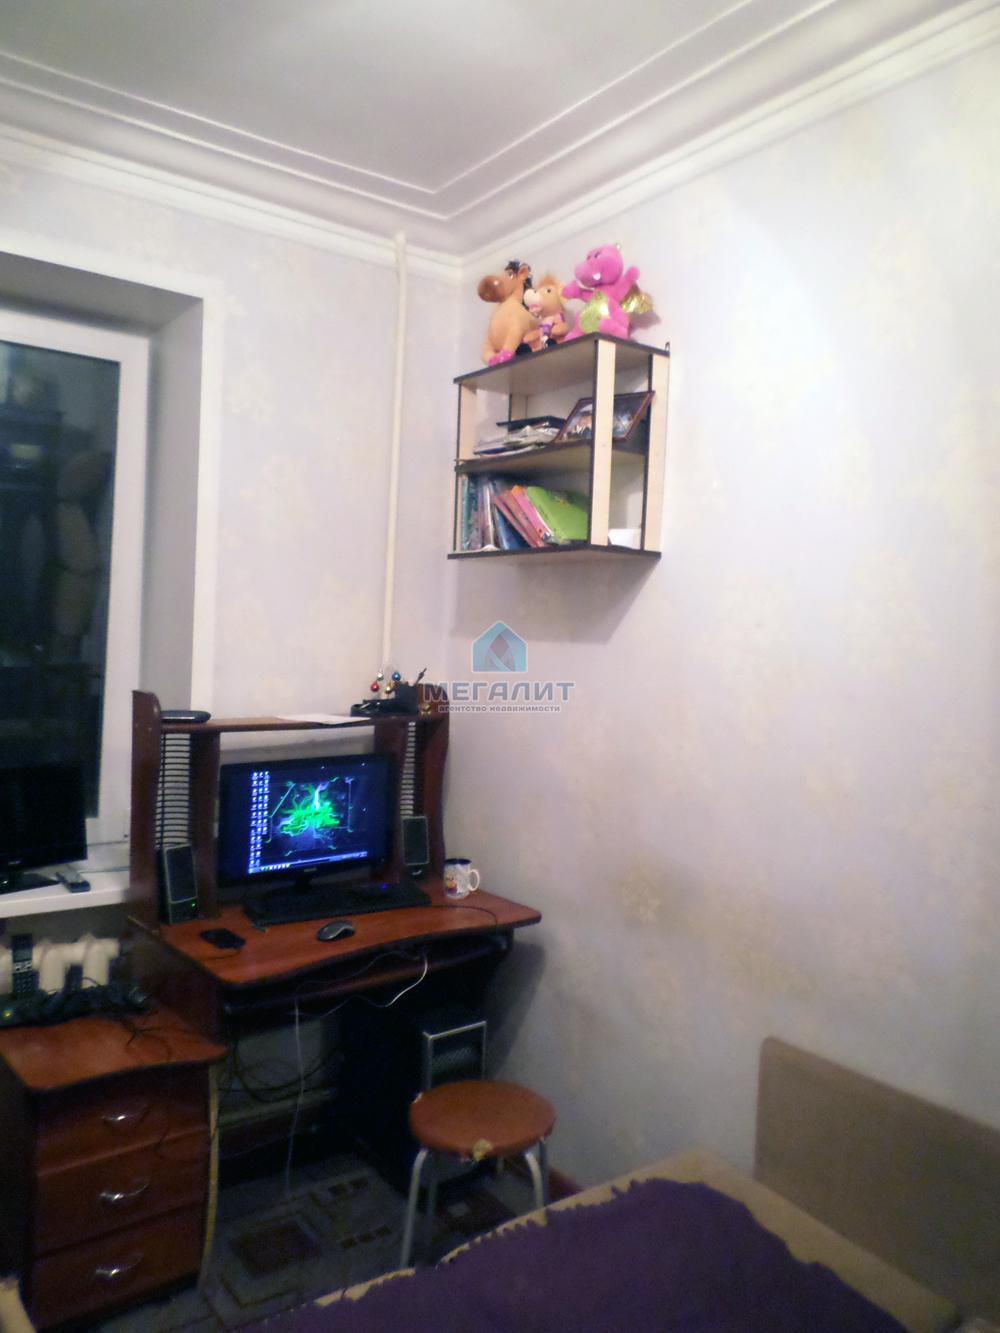 Продажа 2-к квартиры Каштановая 10, 42 м2  (миниатюра №1)